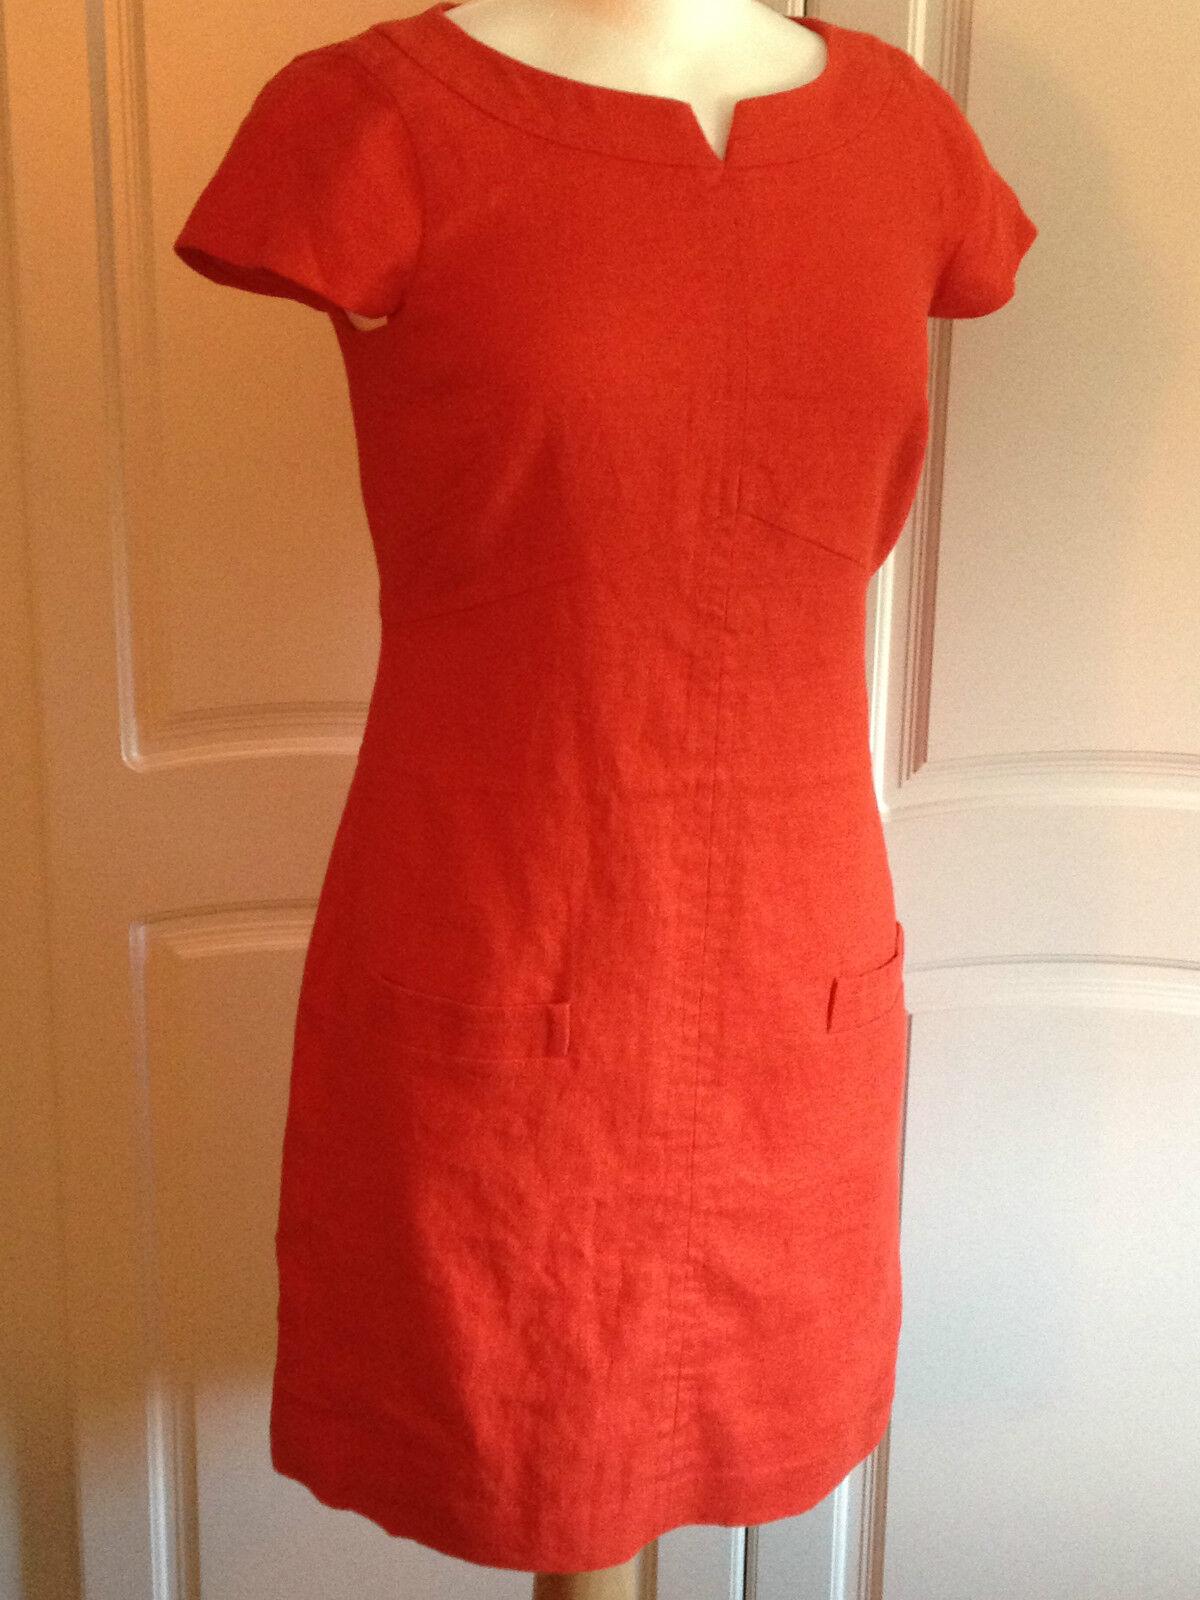 BODEN Last few damen Linen Barnsbury Shift Dress Tunic Linen Linen Linen UK Größes 6R 8L   Tragen-wider    Schenken Sie Ihrem Kind eine glückliche Kindheit  e7dab4